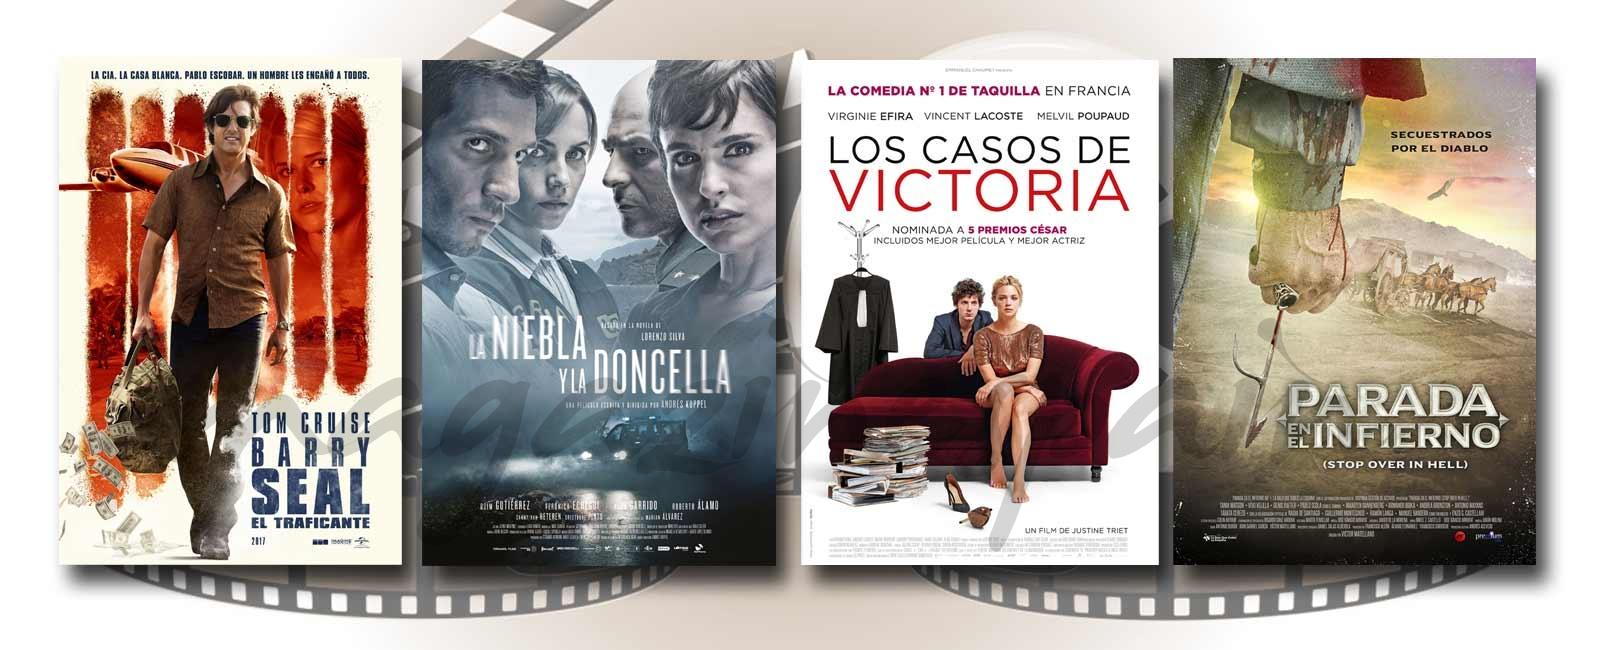 estrenos cine 1 septiembre